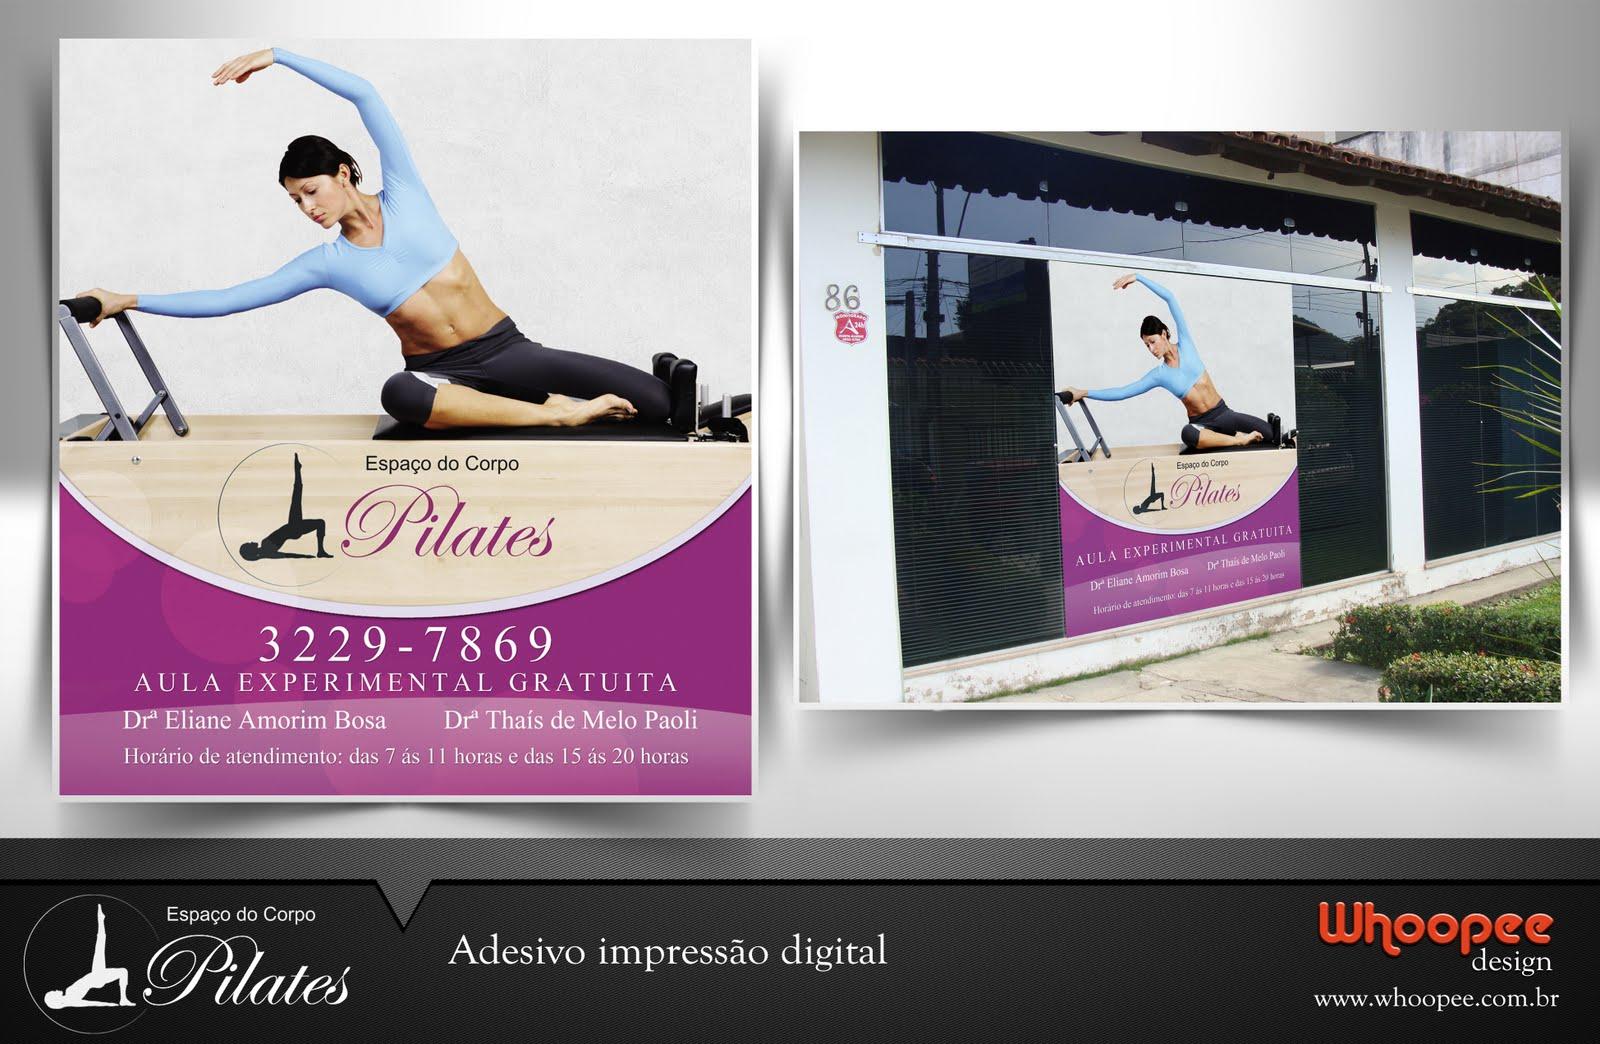 Artesanato Xavantes ~ Whoopee Design Adesivo Impress u00e3o Digital Espaço do Corpo Pilates